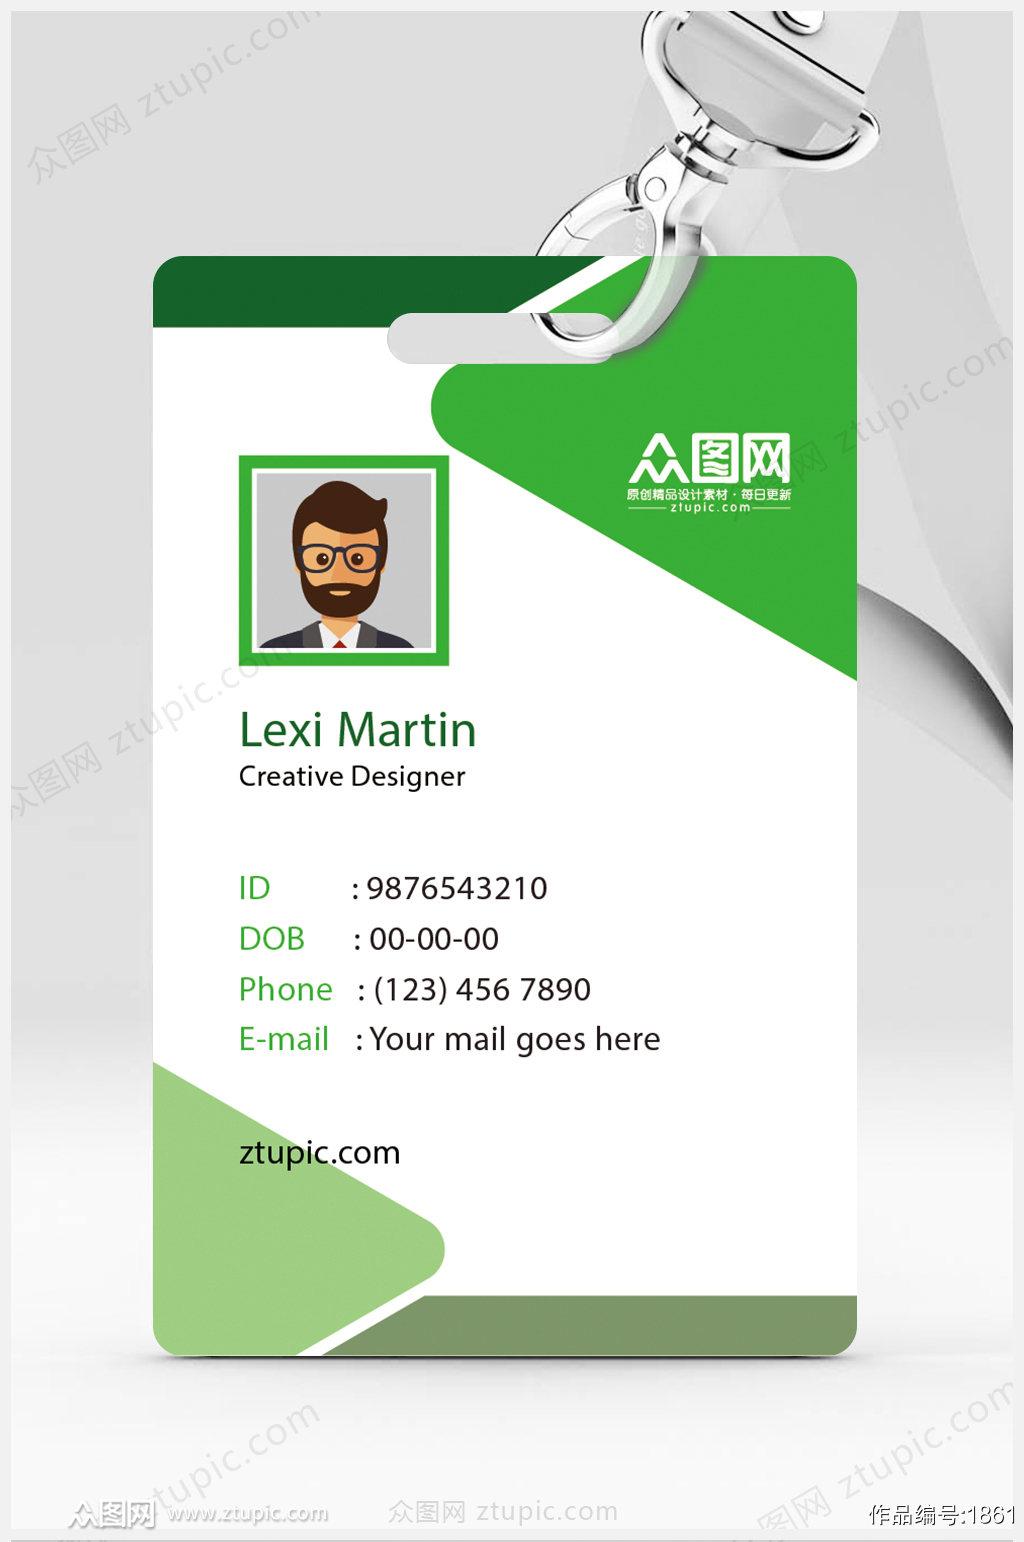 圆形绿色科技渐变工作证员工证件设计图创意素材